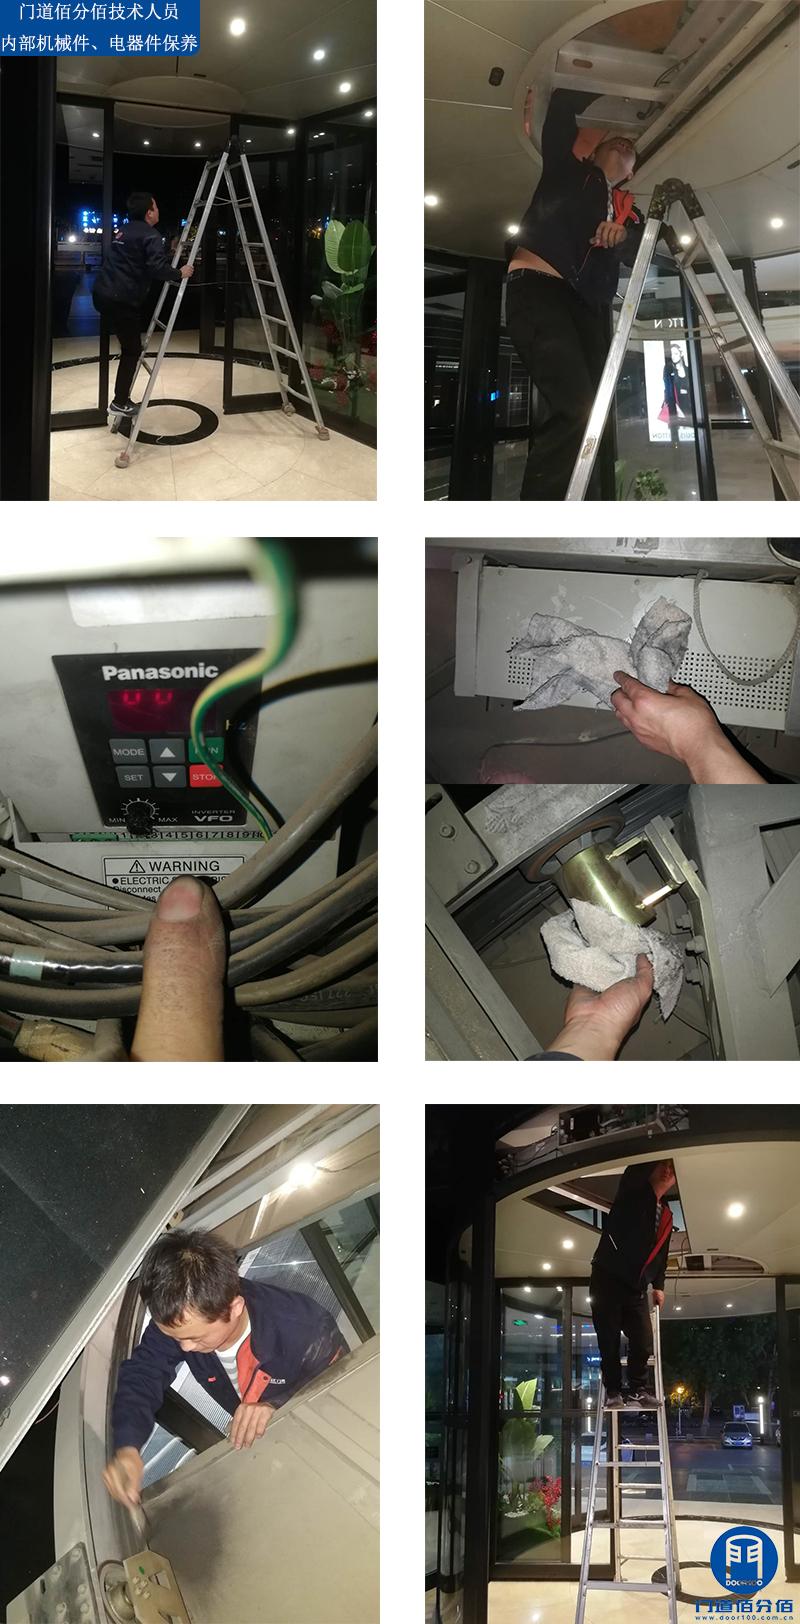 门道佰分佰技术人员内部机械件、电器件保养